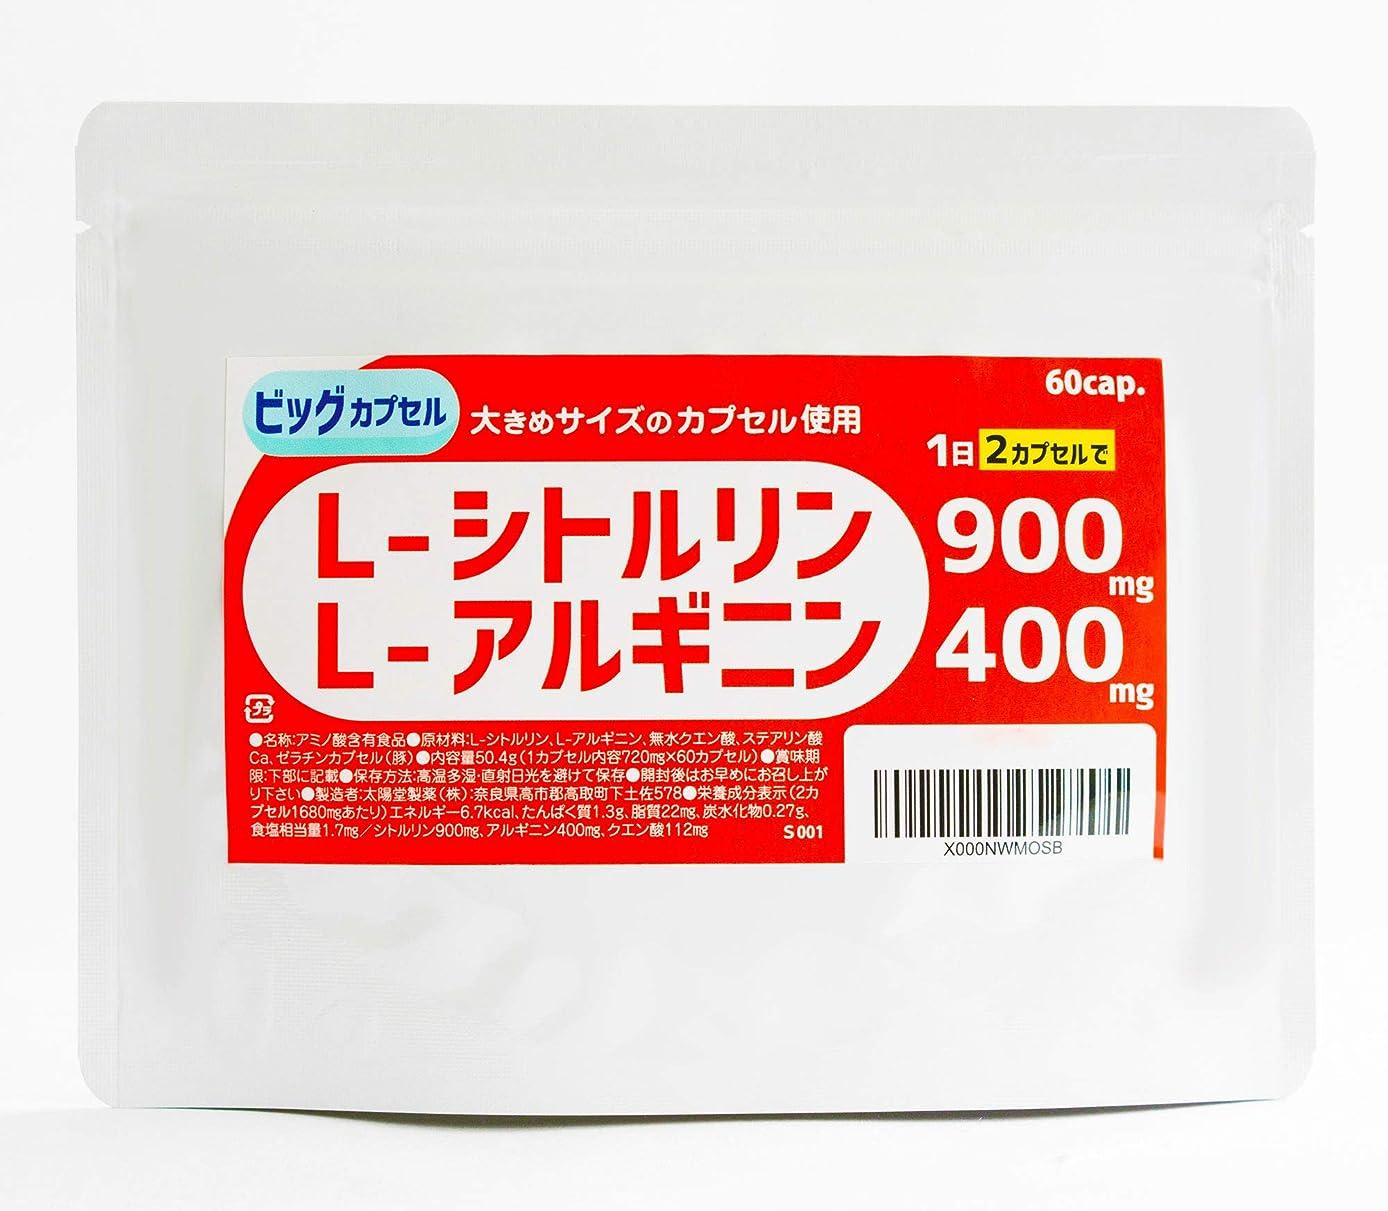 暴力的なアームストロング心理的にシトルリン900mg+アルギニン400mg+クエン酸×30日分太陽堂製薬